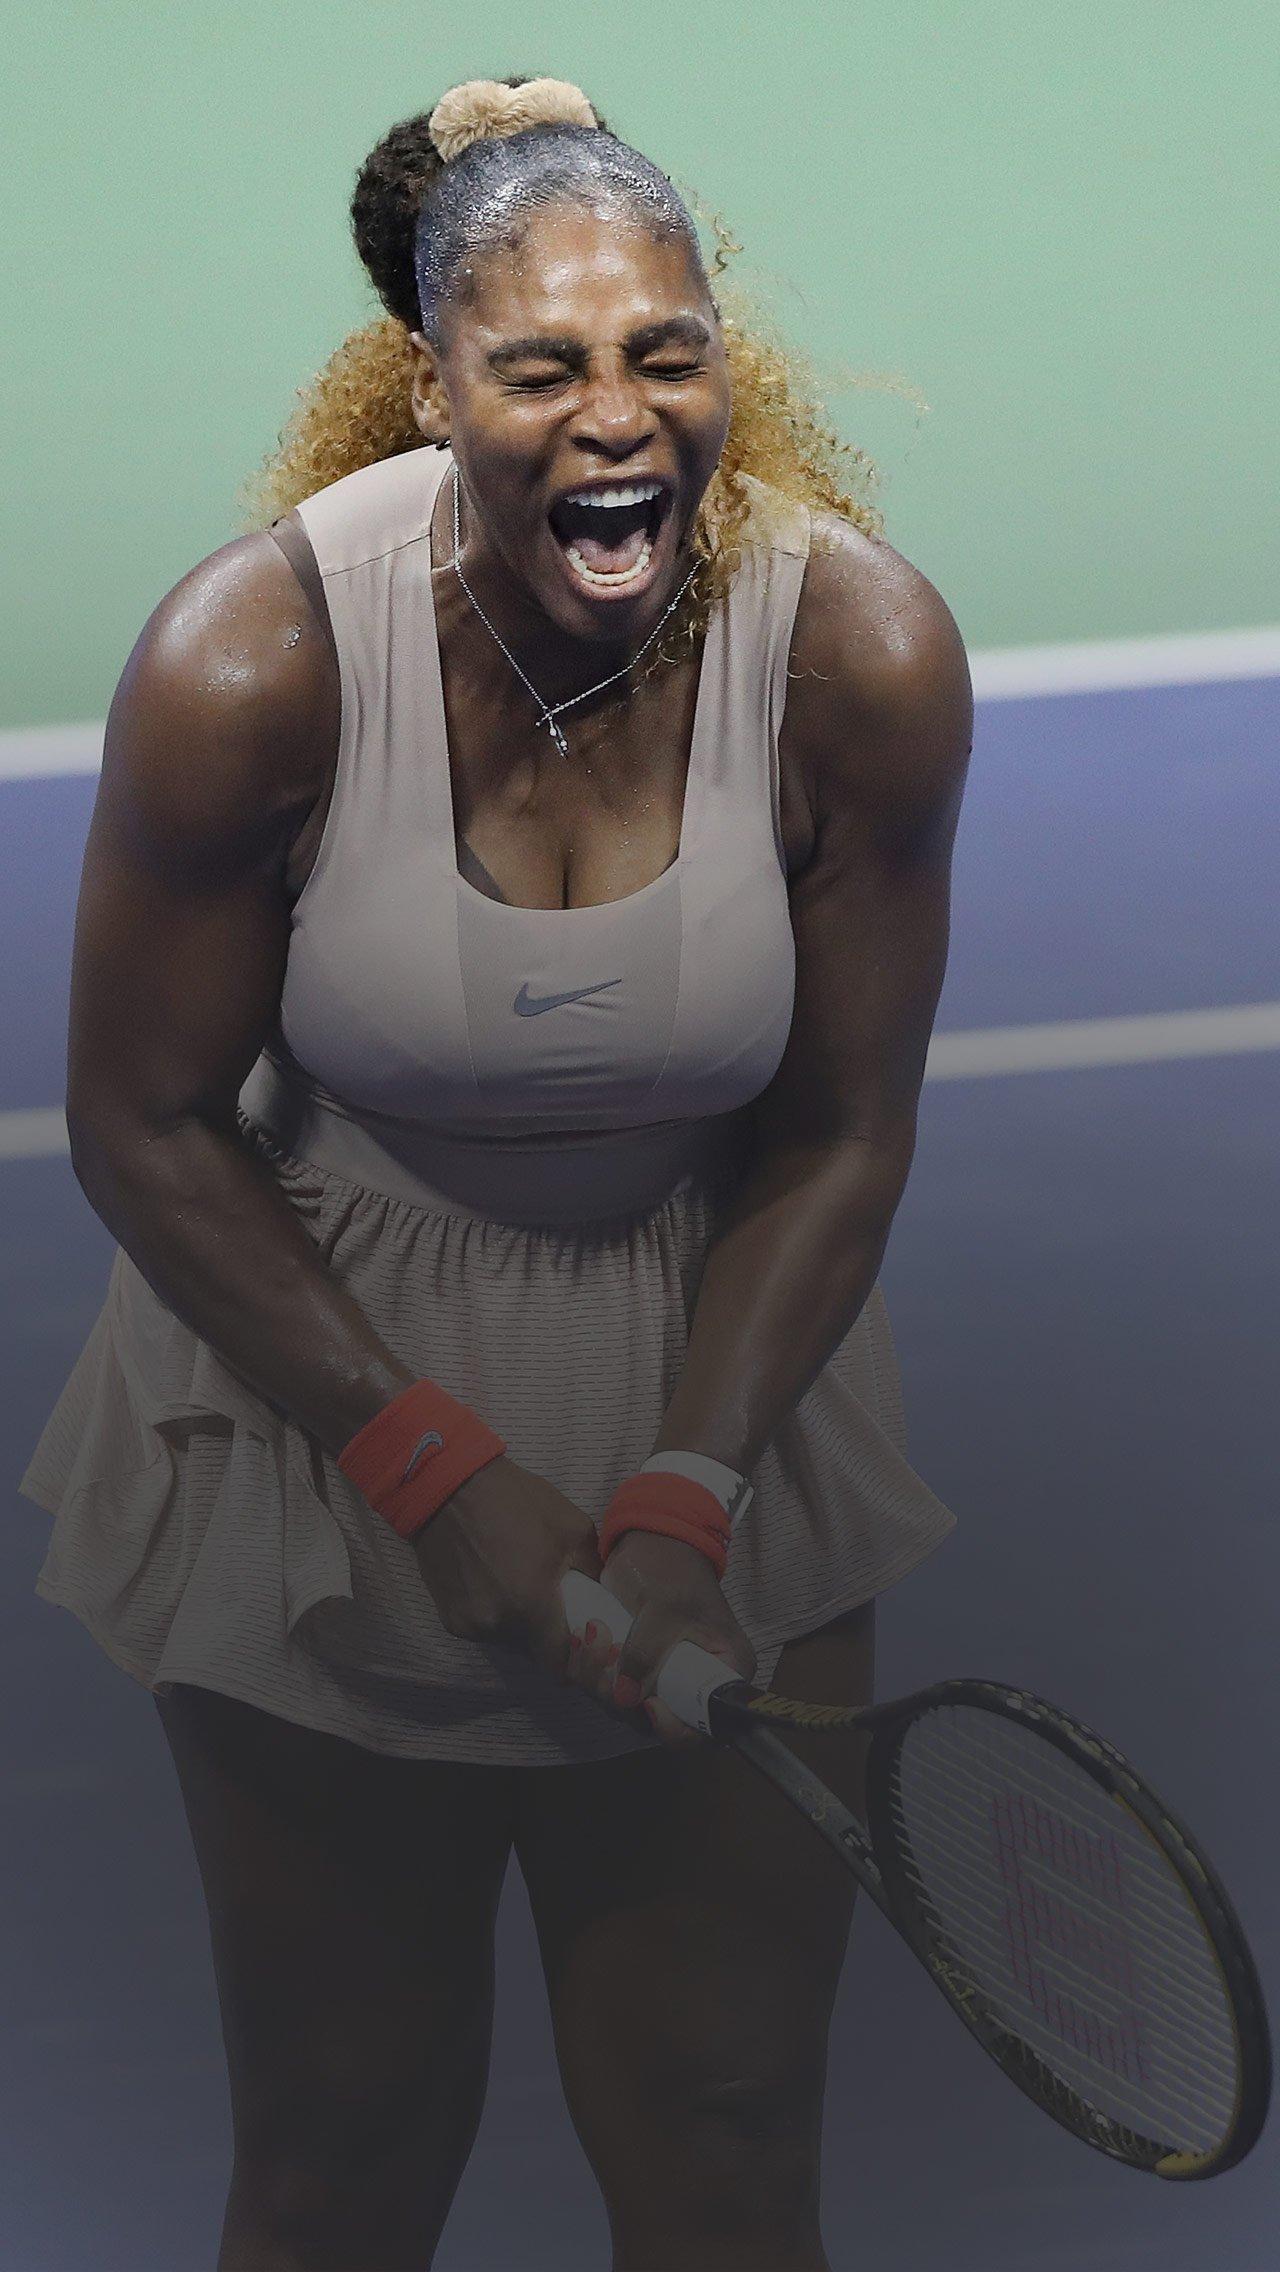 Истерика, угрозы, разборки с судьями: скандалы Серены на US Open